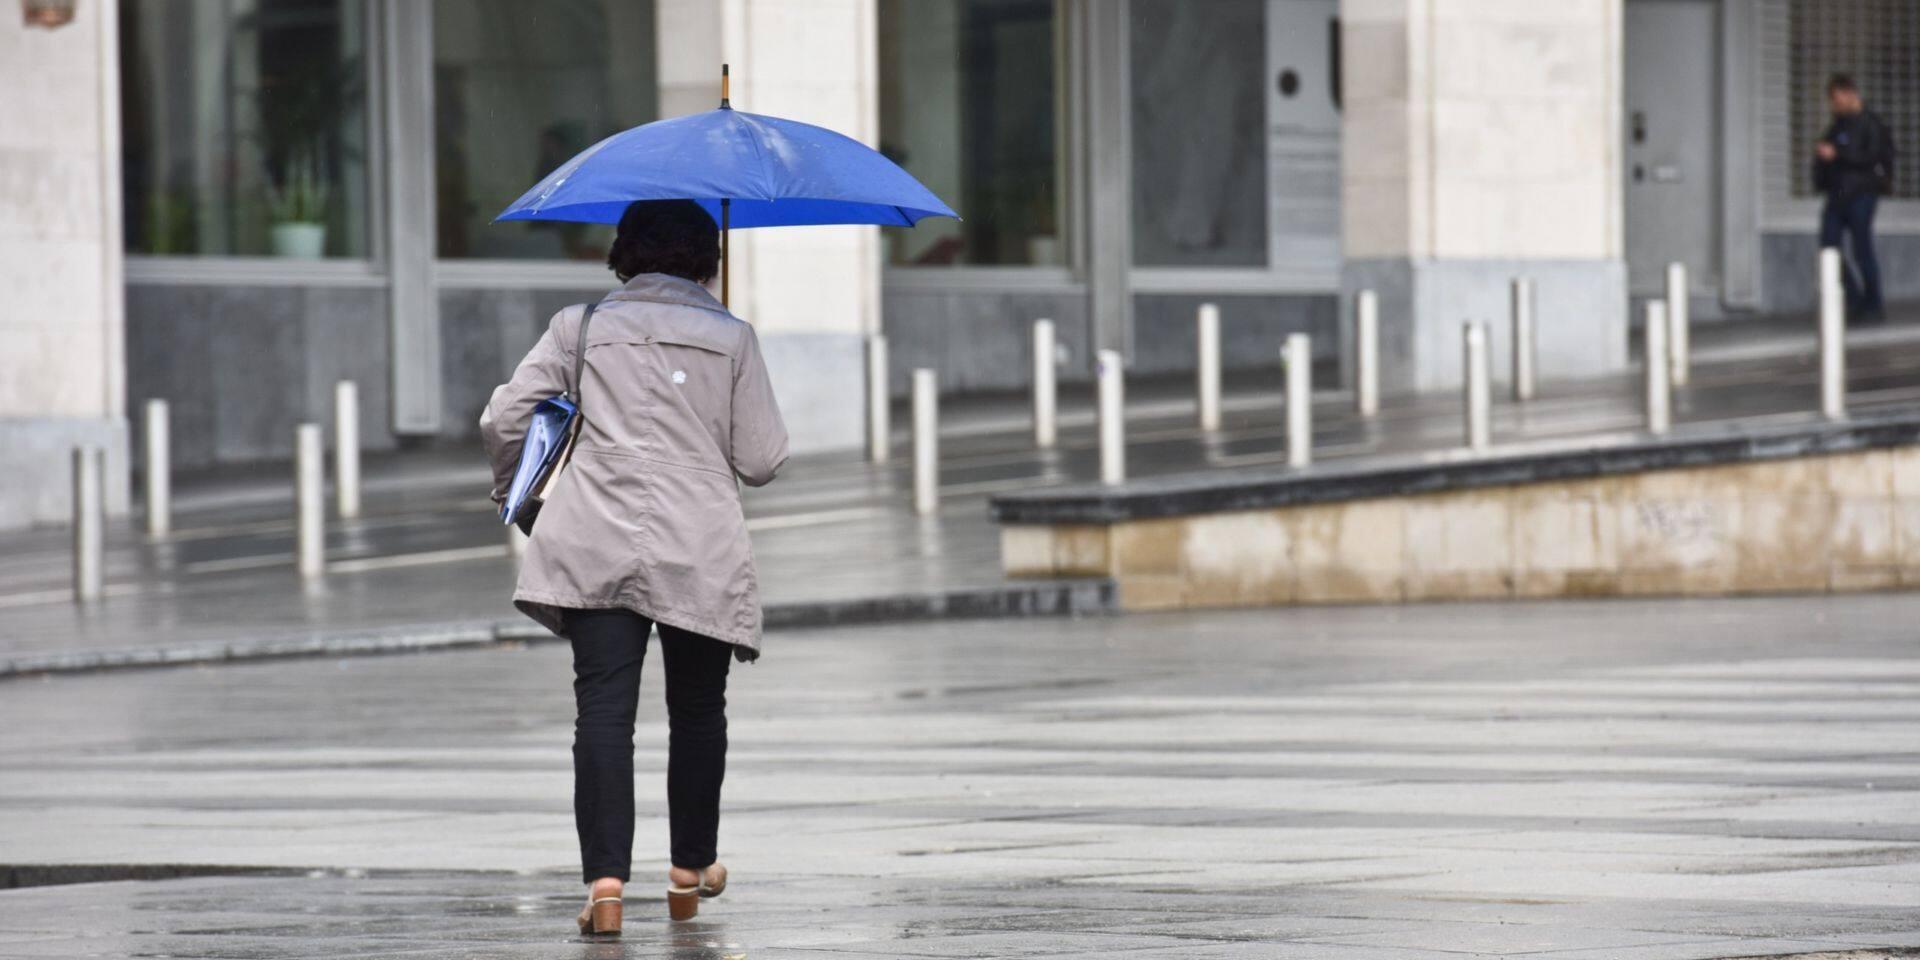 La Belgique touchée par de fortes pluies: trois provinces placées en alerte jaune